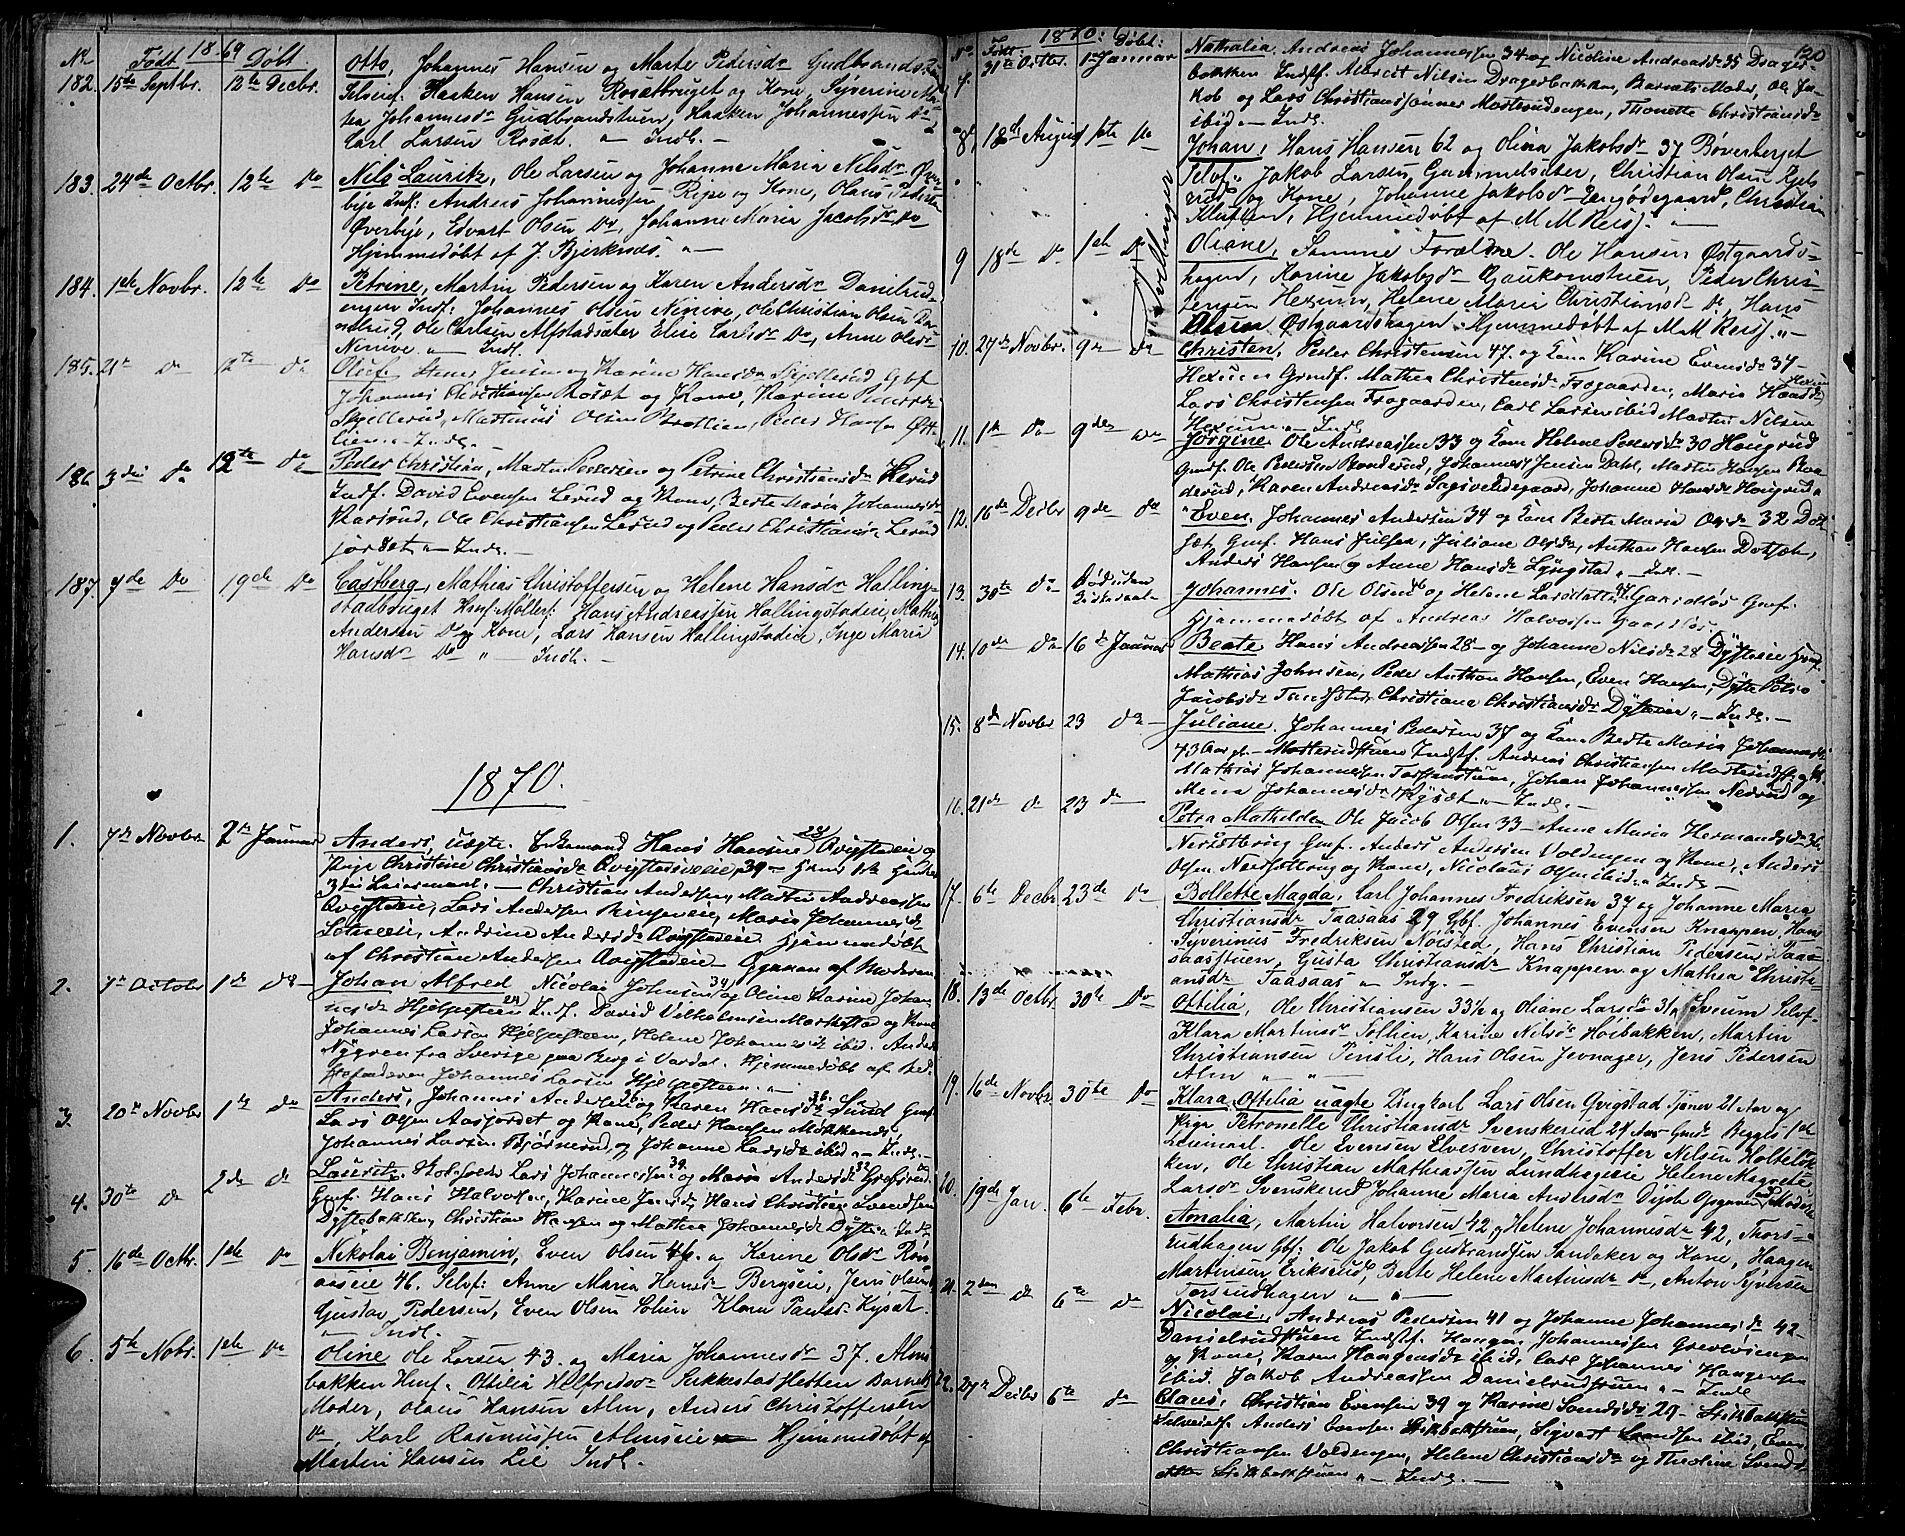 SAH, Vestre Toten prestekontor, Klokkerbok nr. 5, 1854-1870, s. 120